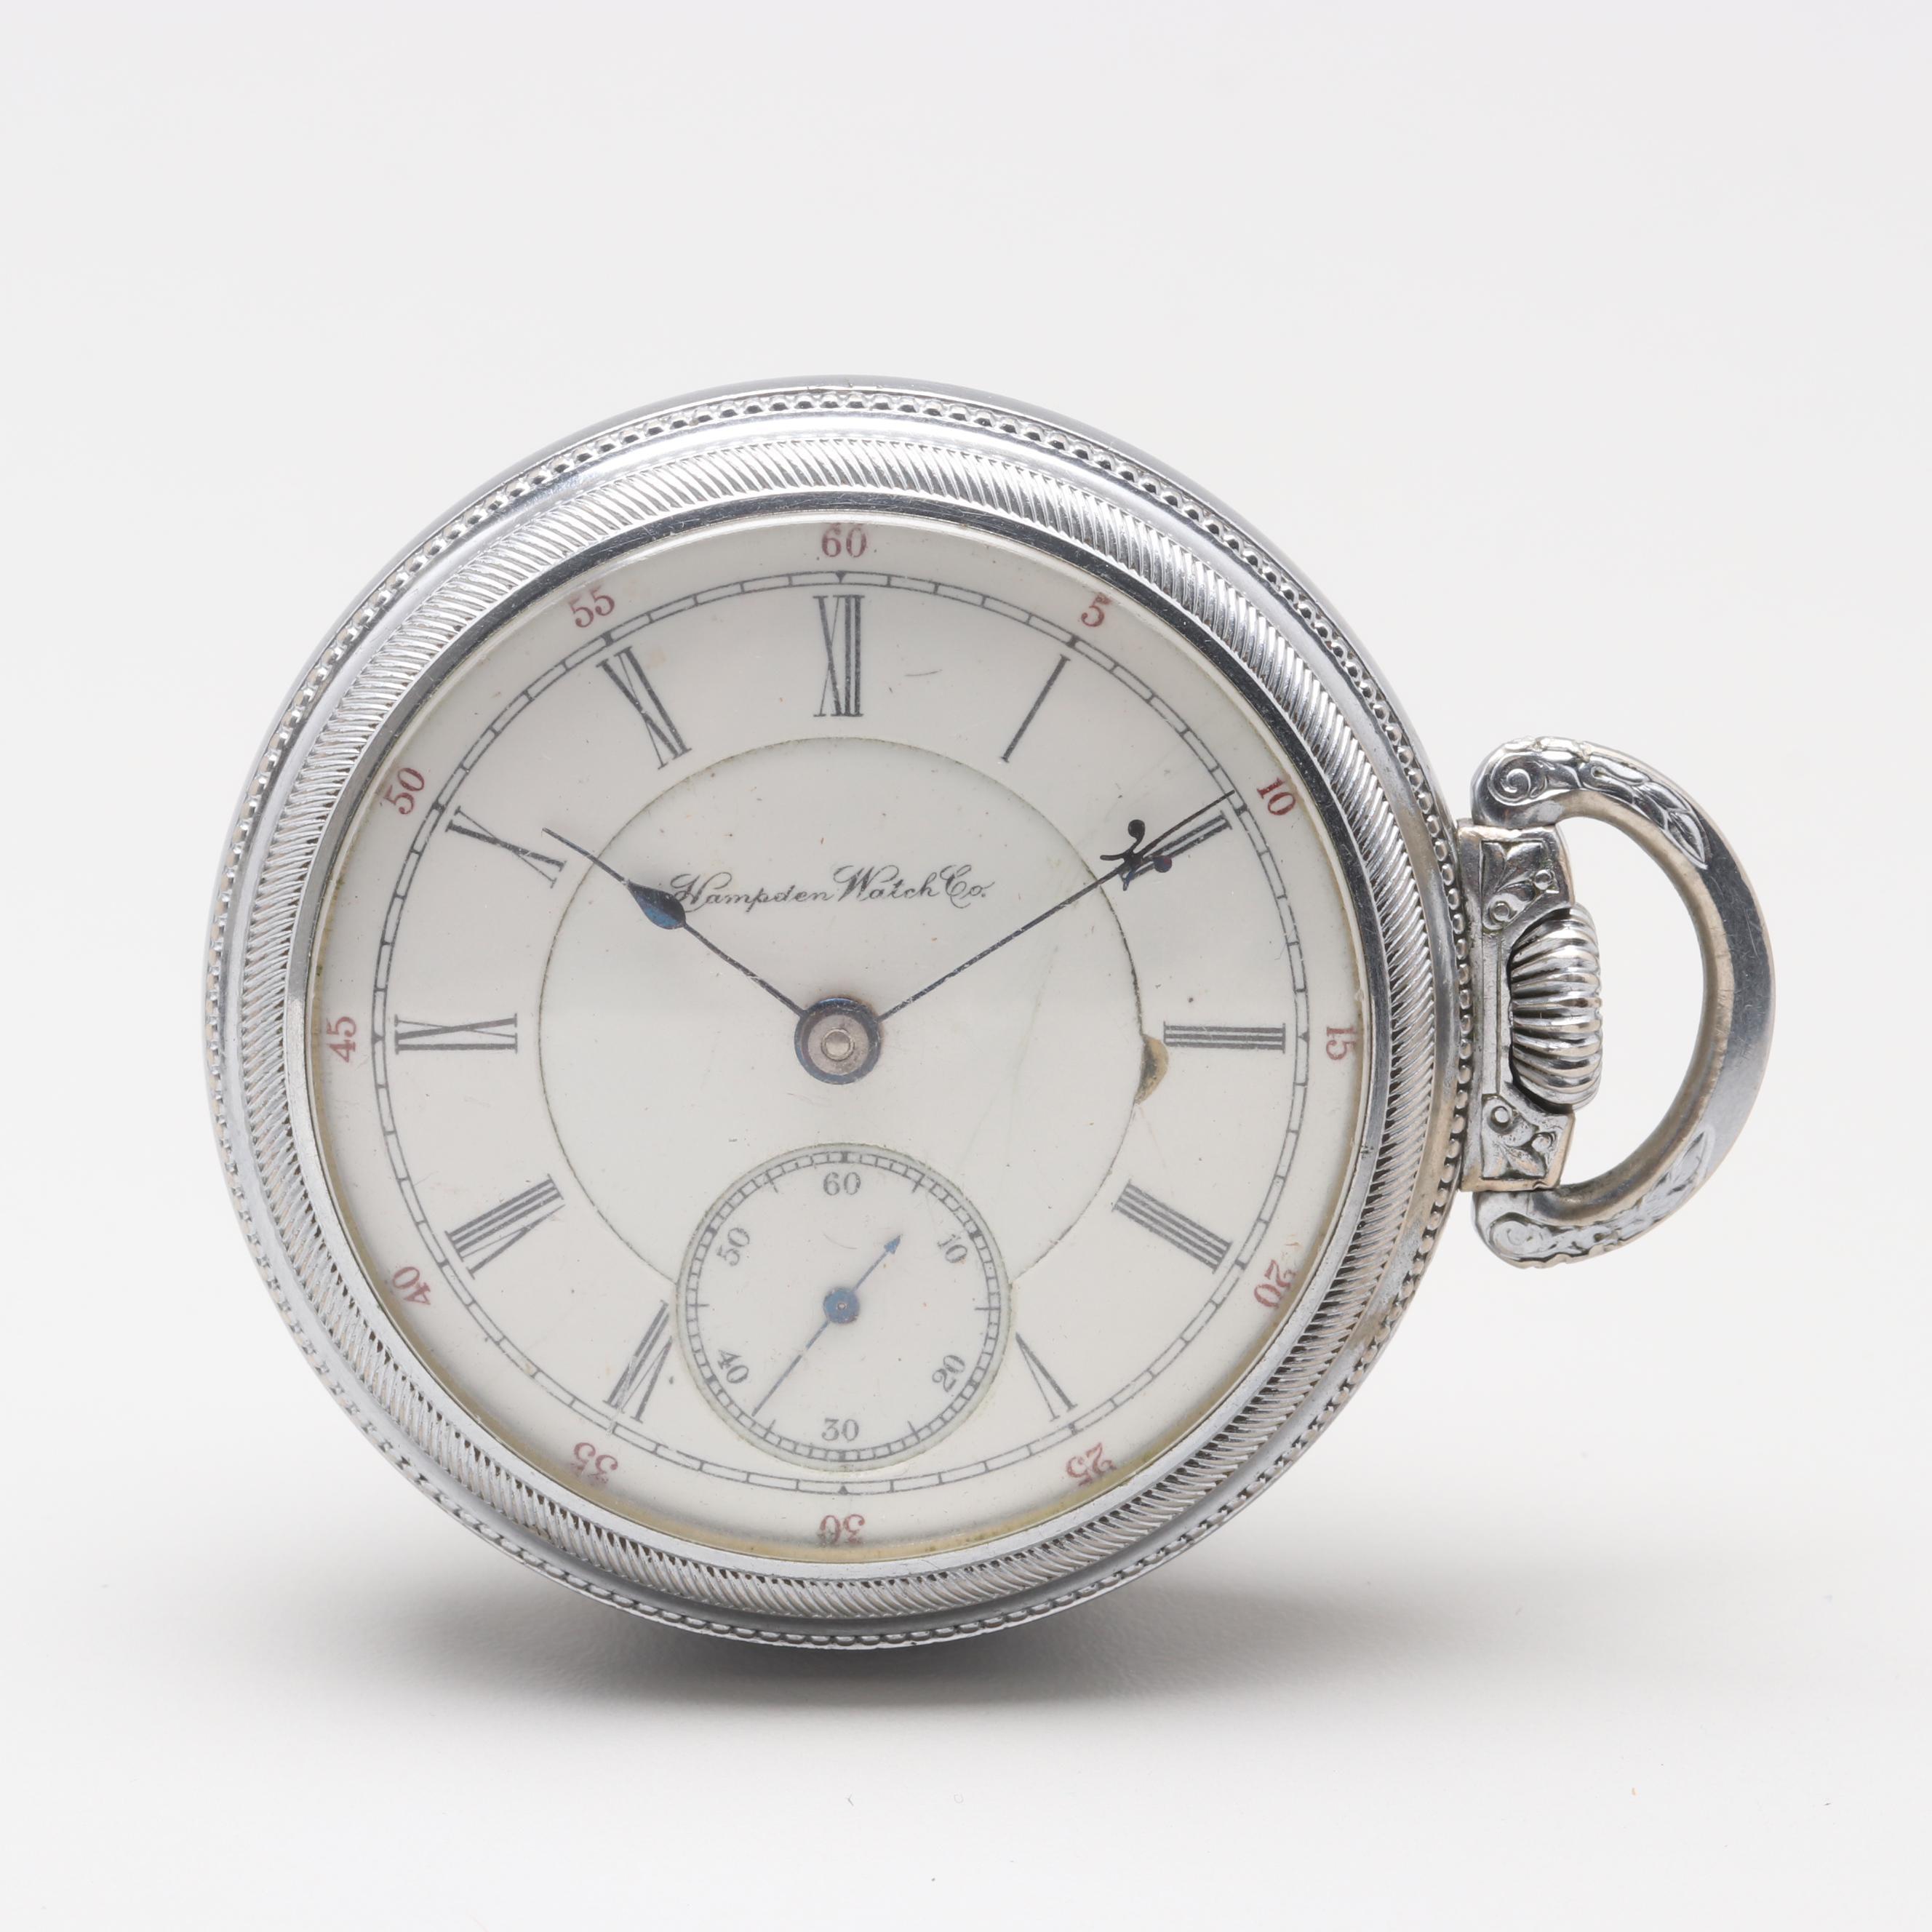 Circa 1897 Hampden Watch Co. Silver Tone Railroad Grade Open Face Pocket Watch